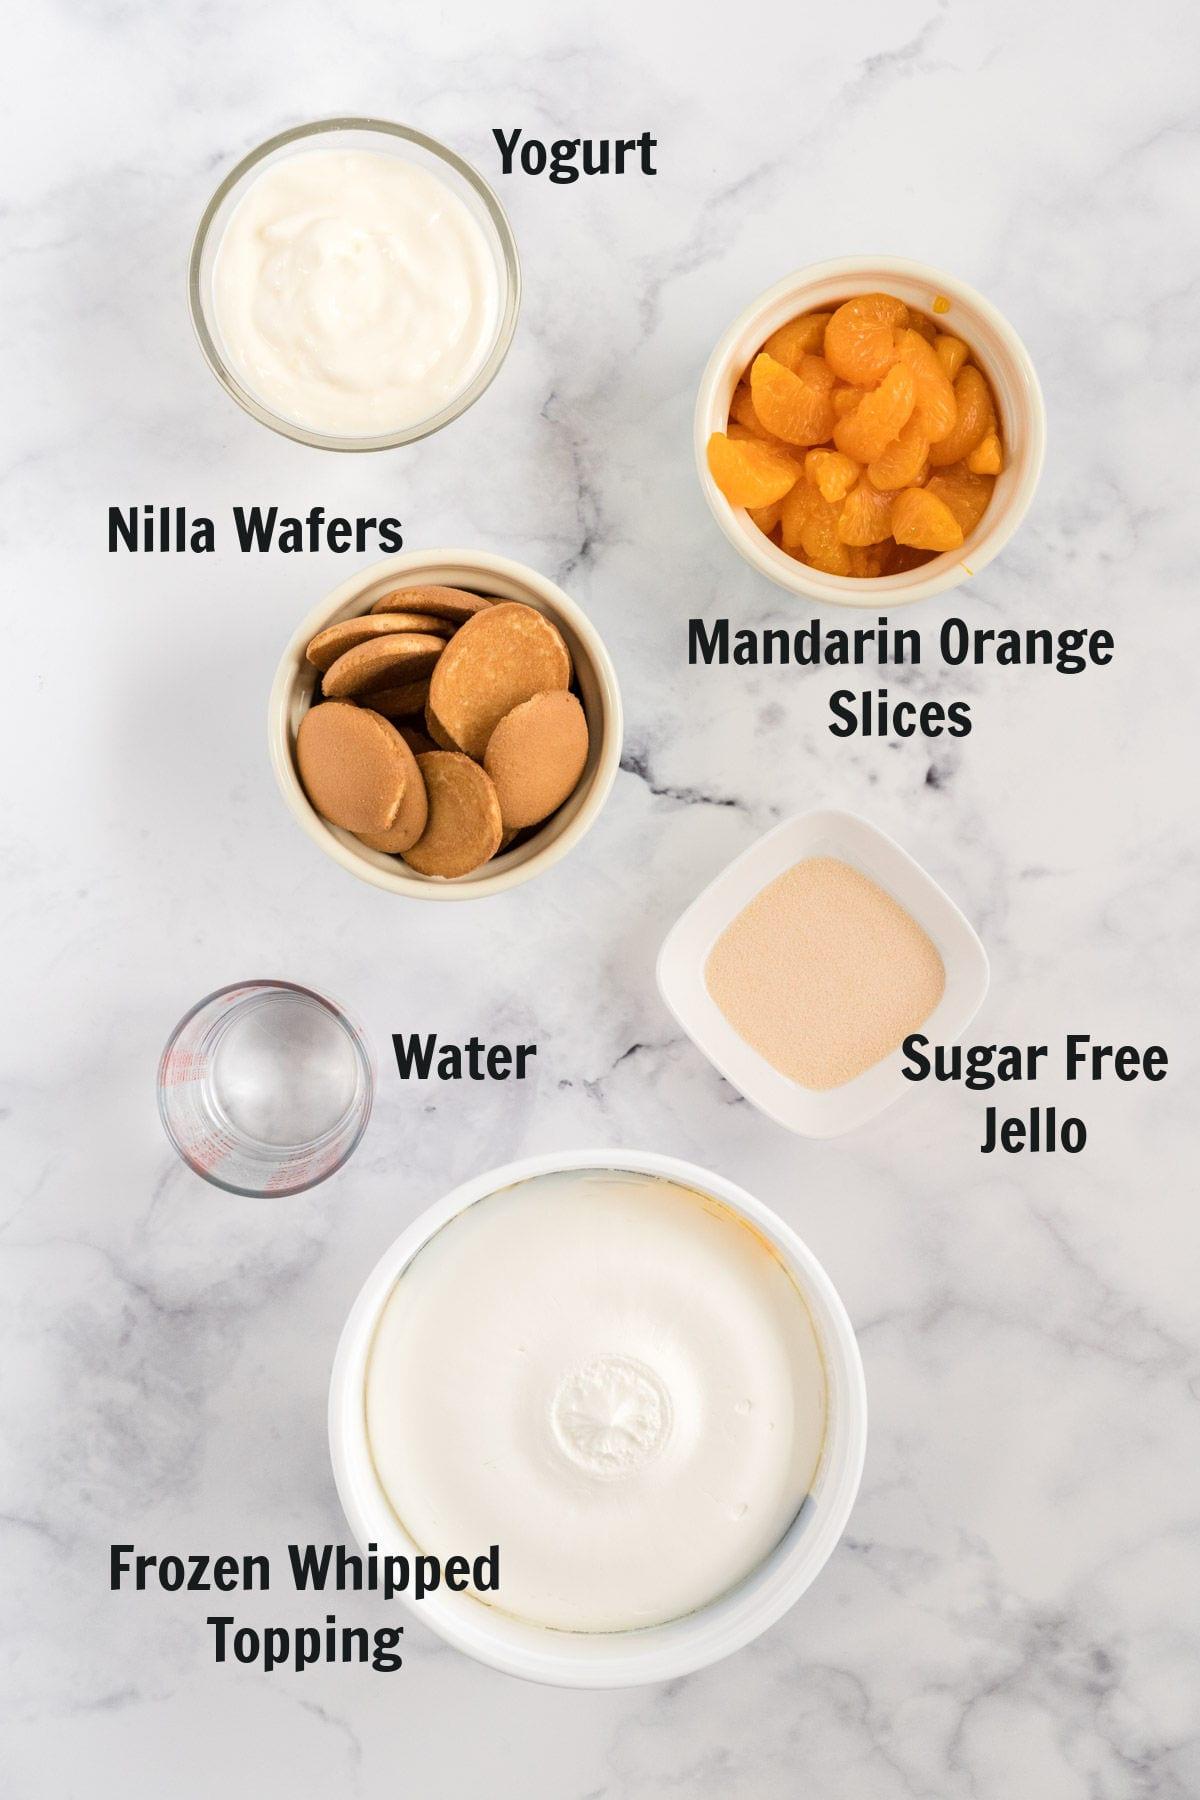 Ingredient to make layered parfaits.